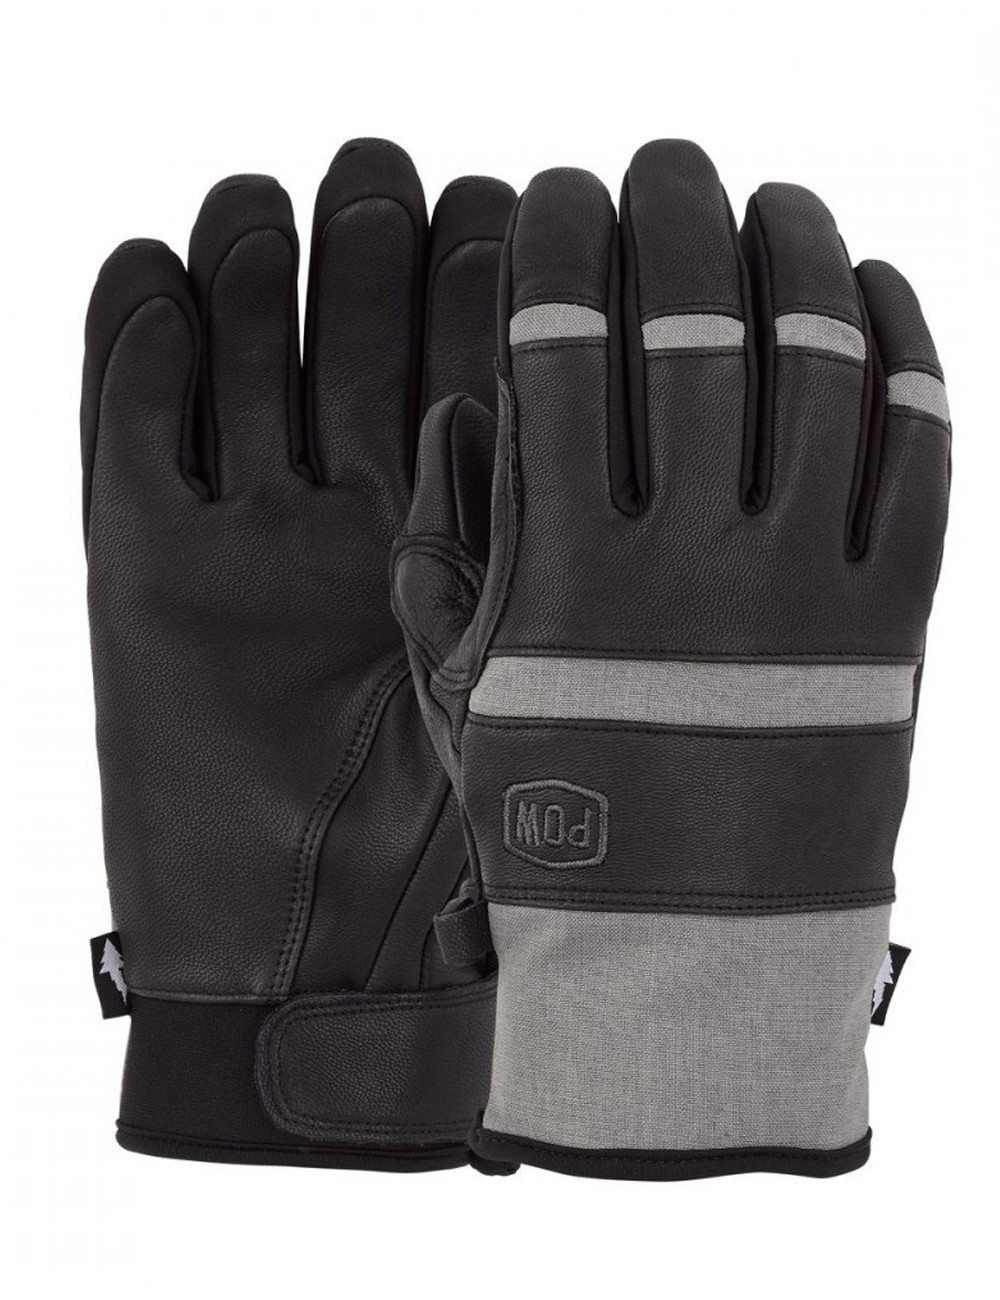 Rękawice narciarskie POW Villain Glove